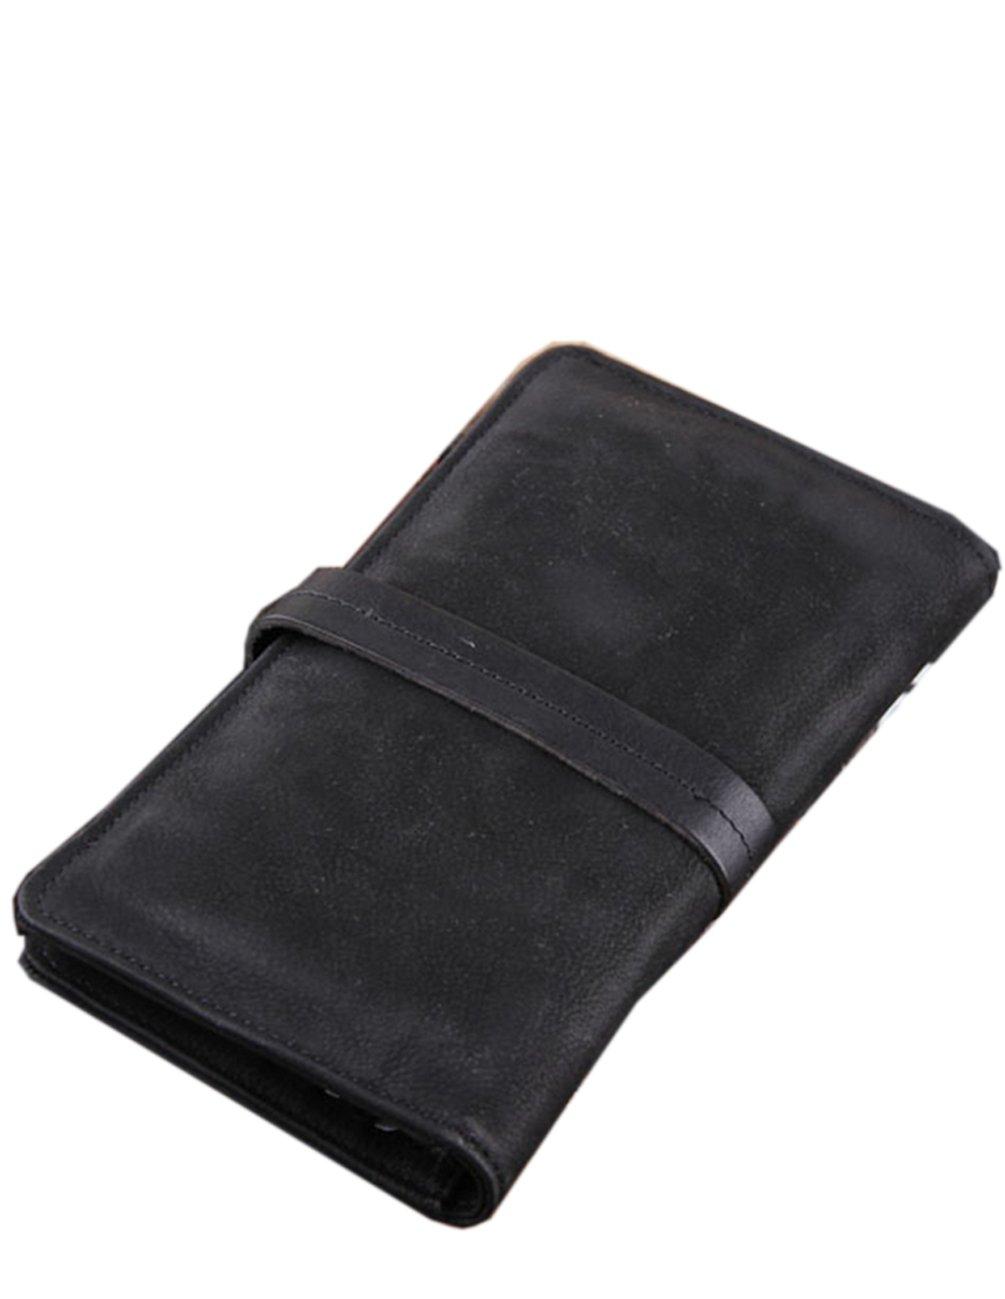 Menschwear Mens Genuine Leather Designer Wallet Credit Card Holder Purse Black